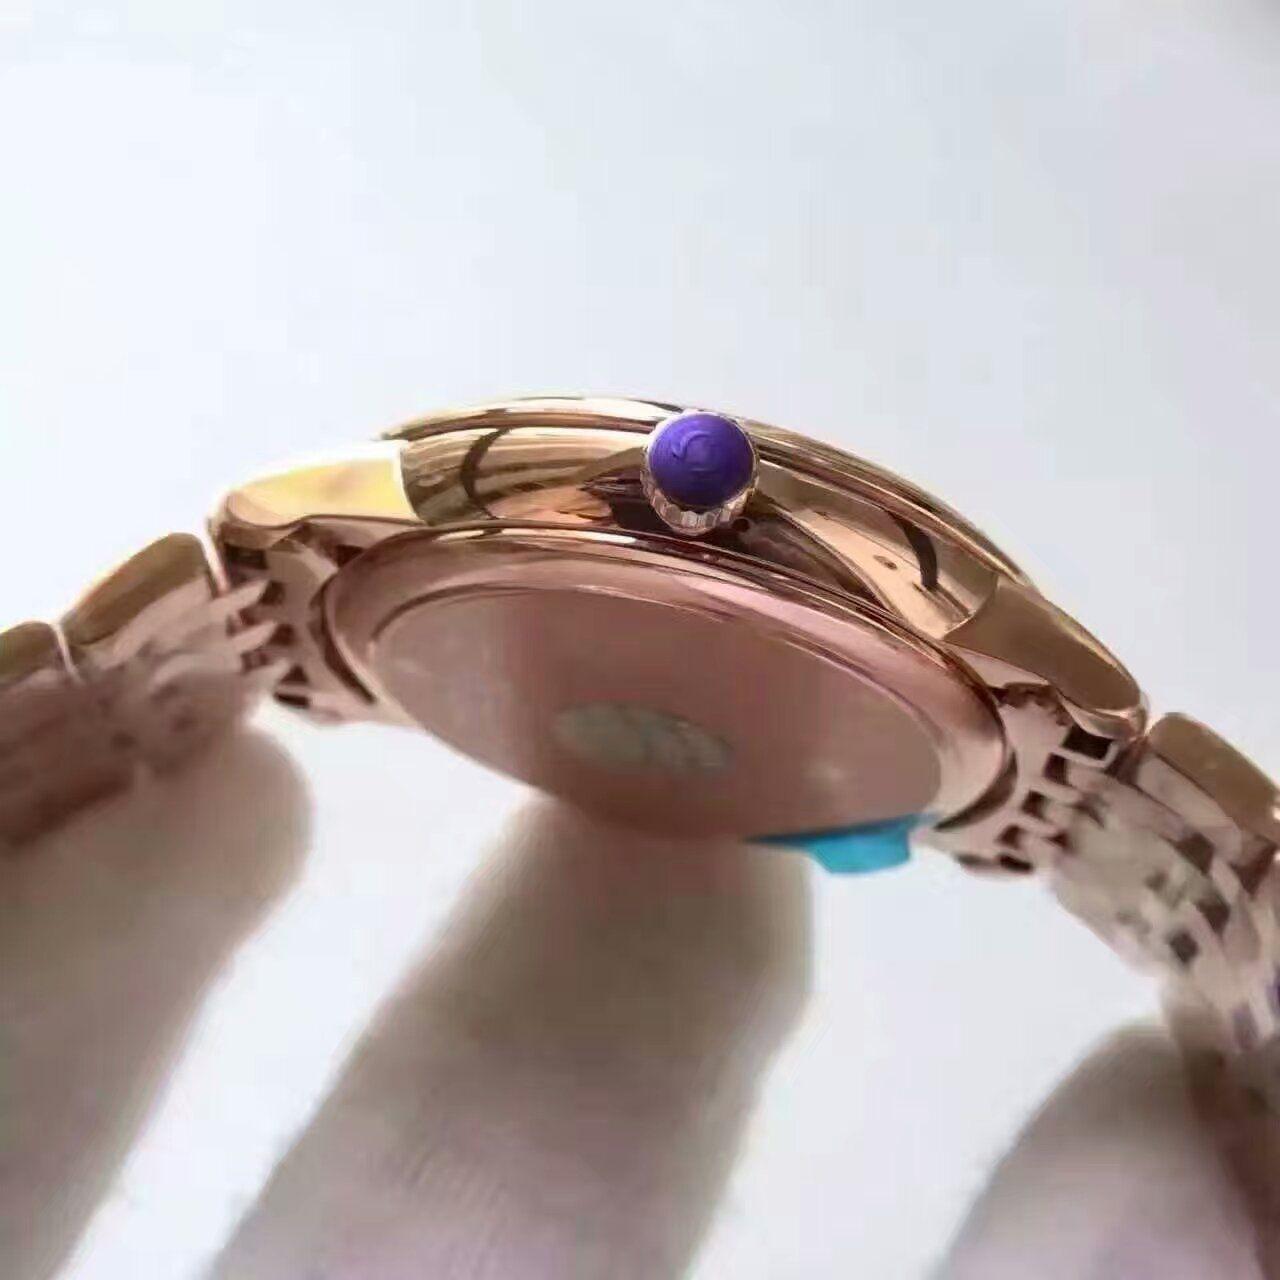 【MK厂超A高仿手表】欧米茄碟飞系列424.53.40.20.52.001腕表